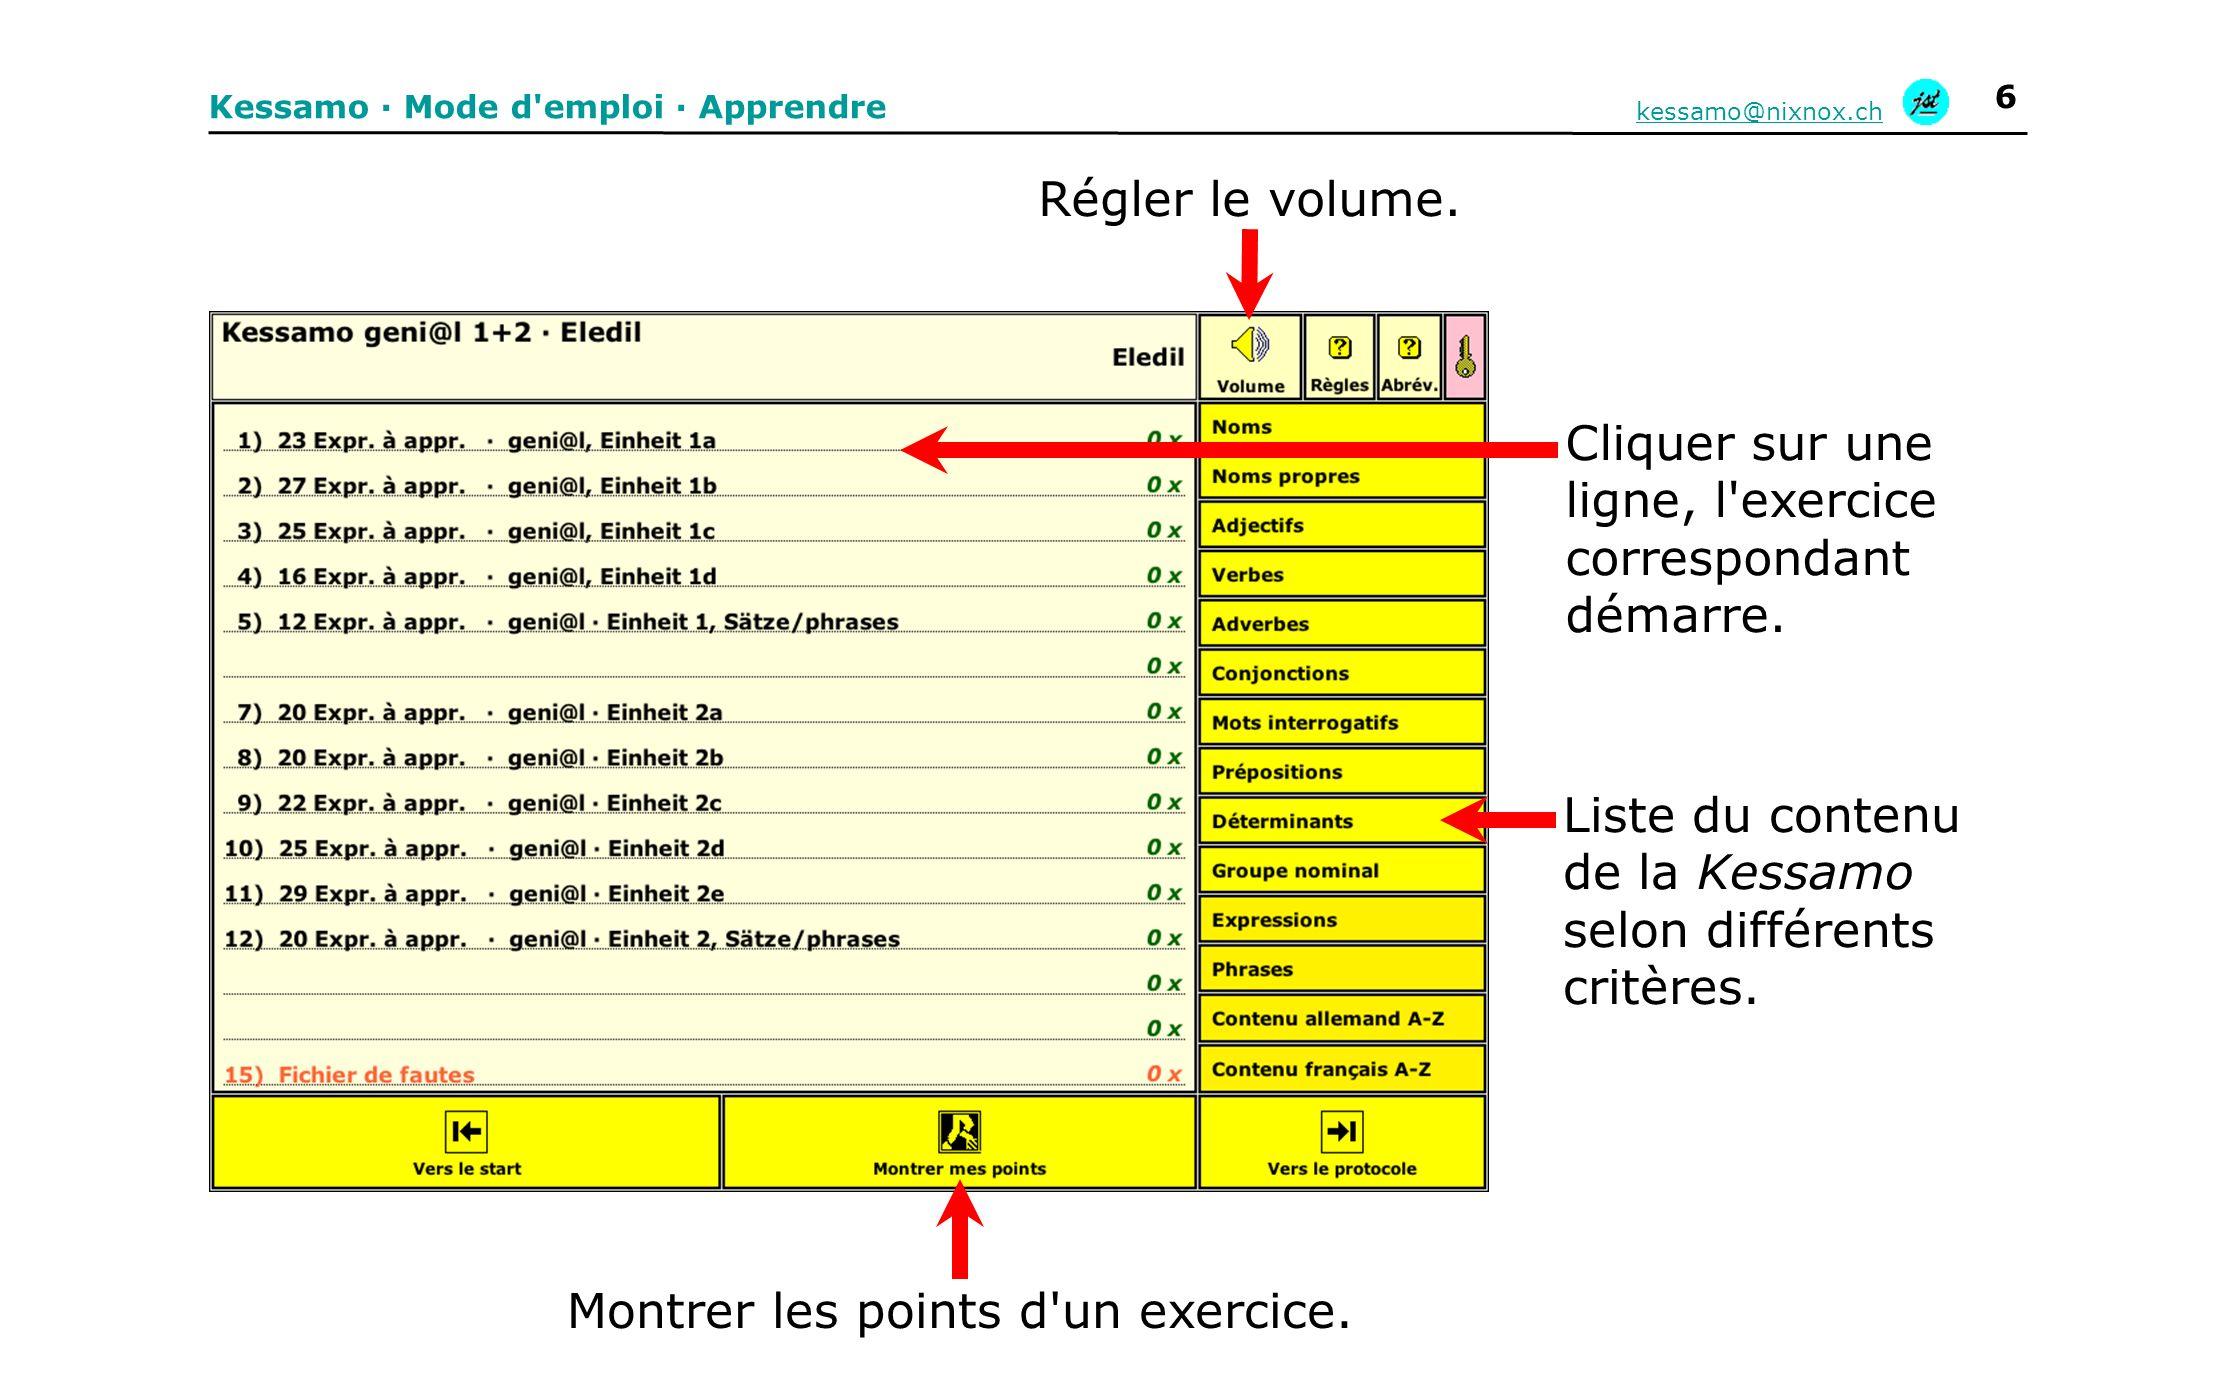 Kessamo · Mode d'emploi · Apprendre kessamo@nixnox.ch 6 Montrer les points d'un exercice. Régler le volume. Liste du contenu de la Kessamo selon diffé